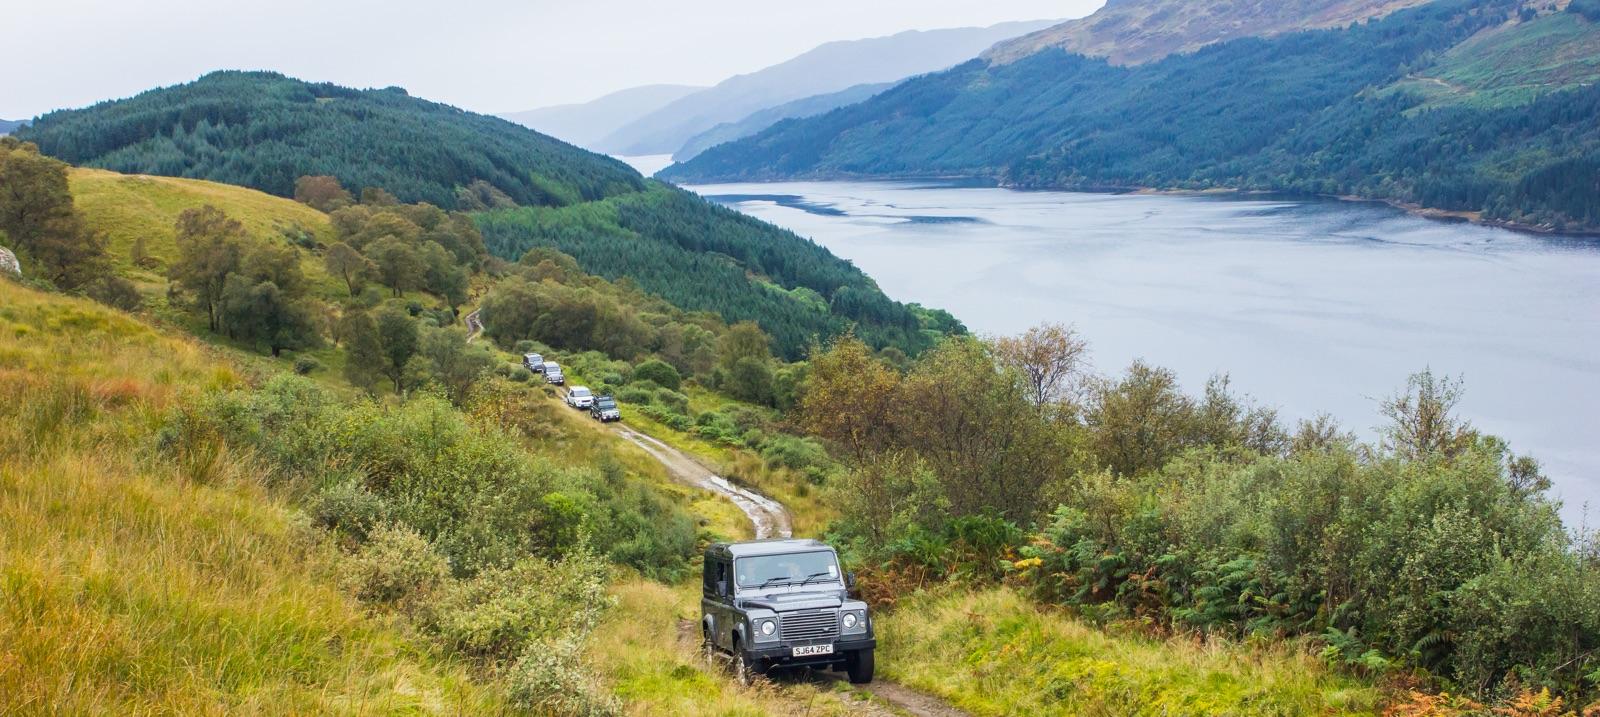 Loch Lomond Own Vehicle Trek